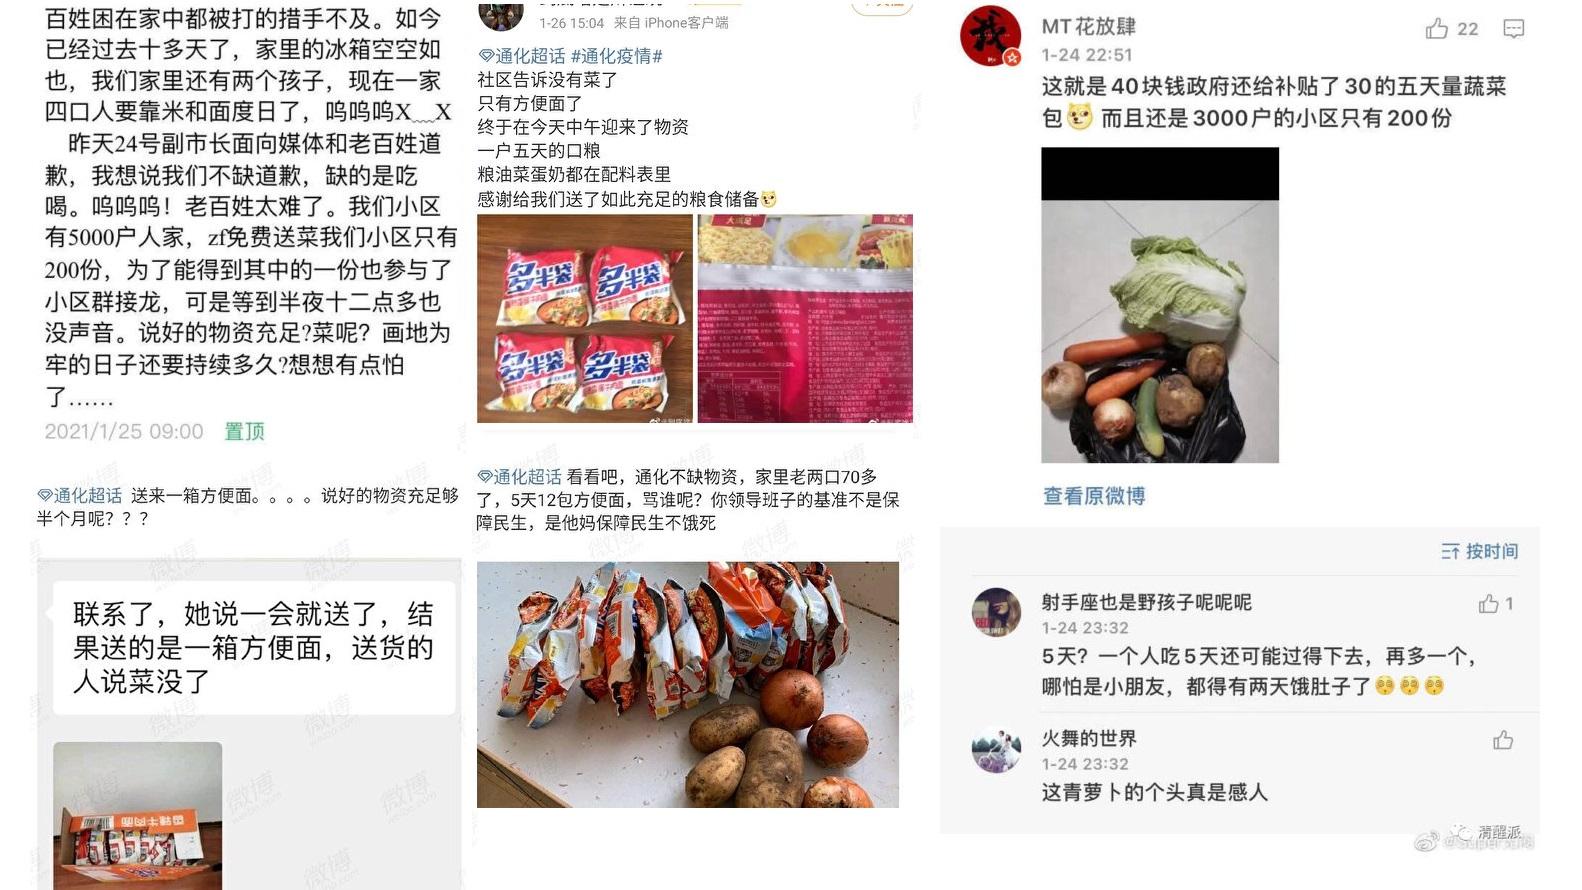 通化居民在網上抱怨物資分配不合理、食品嚴重不足等問題。